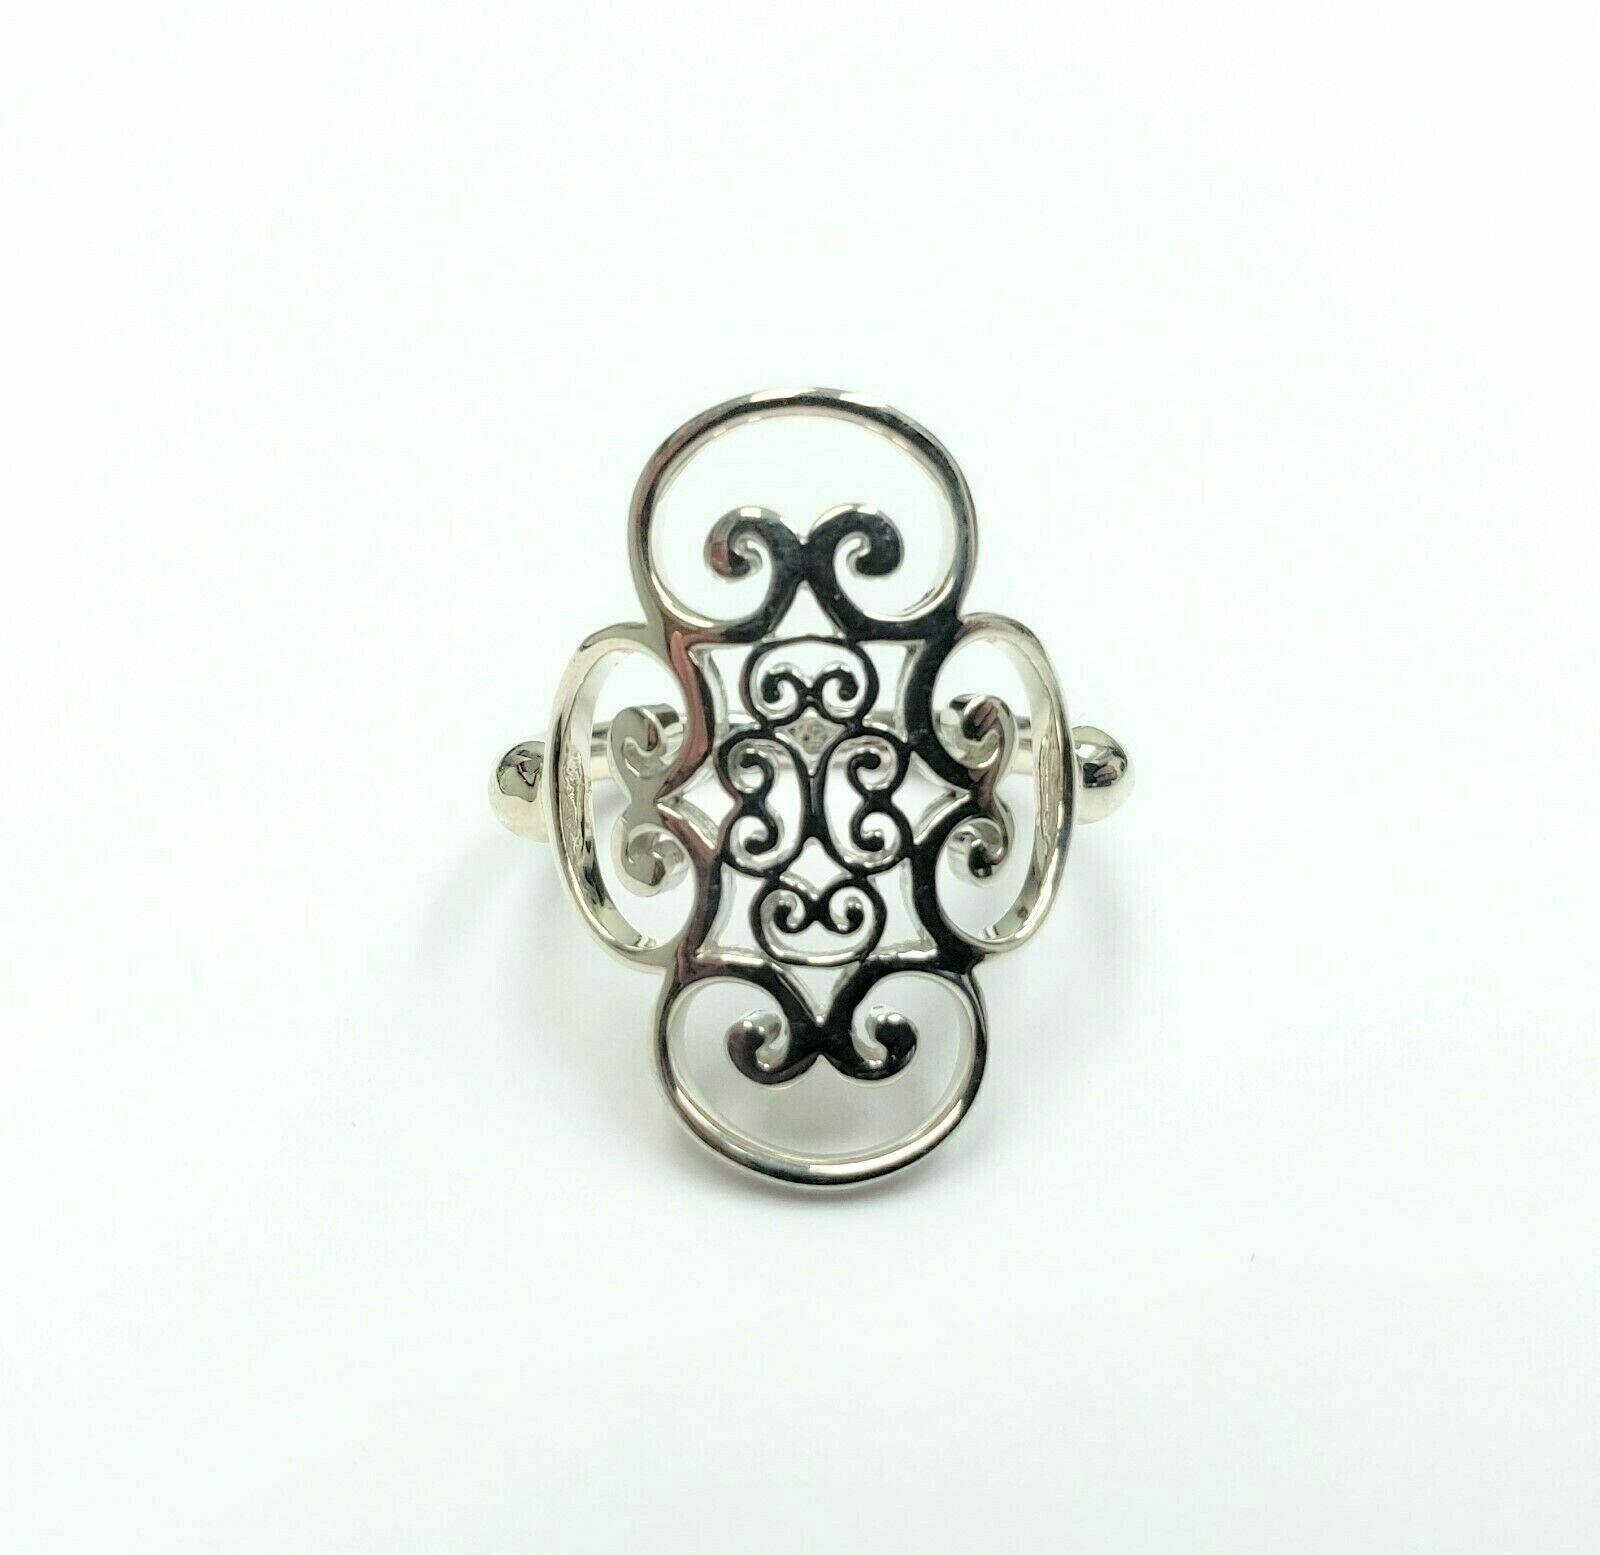 afa128da5091d Tiffany & Co. Paloma Picasso Ring: 60 listings